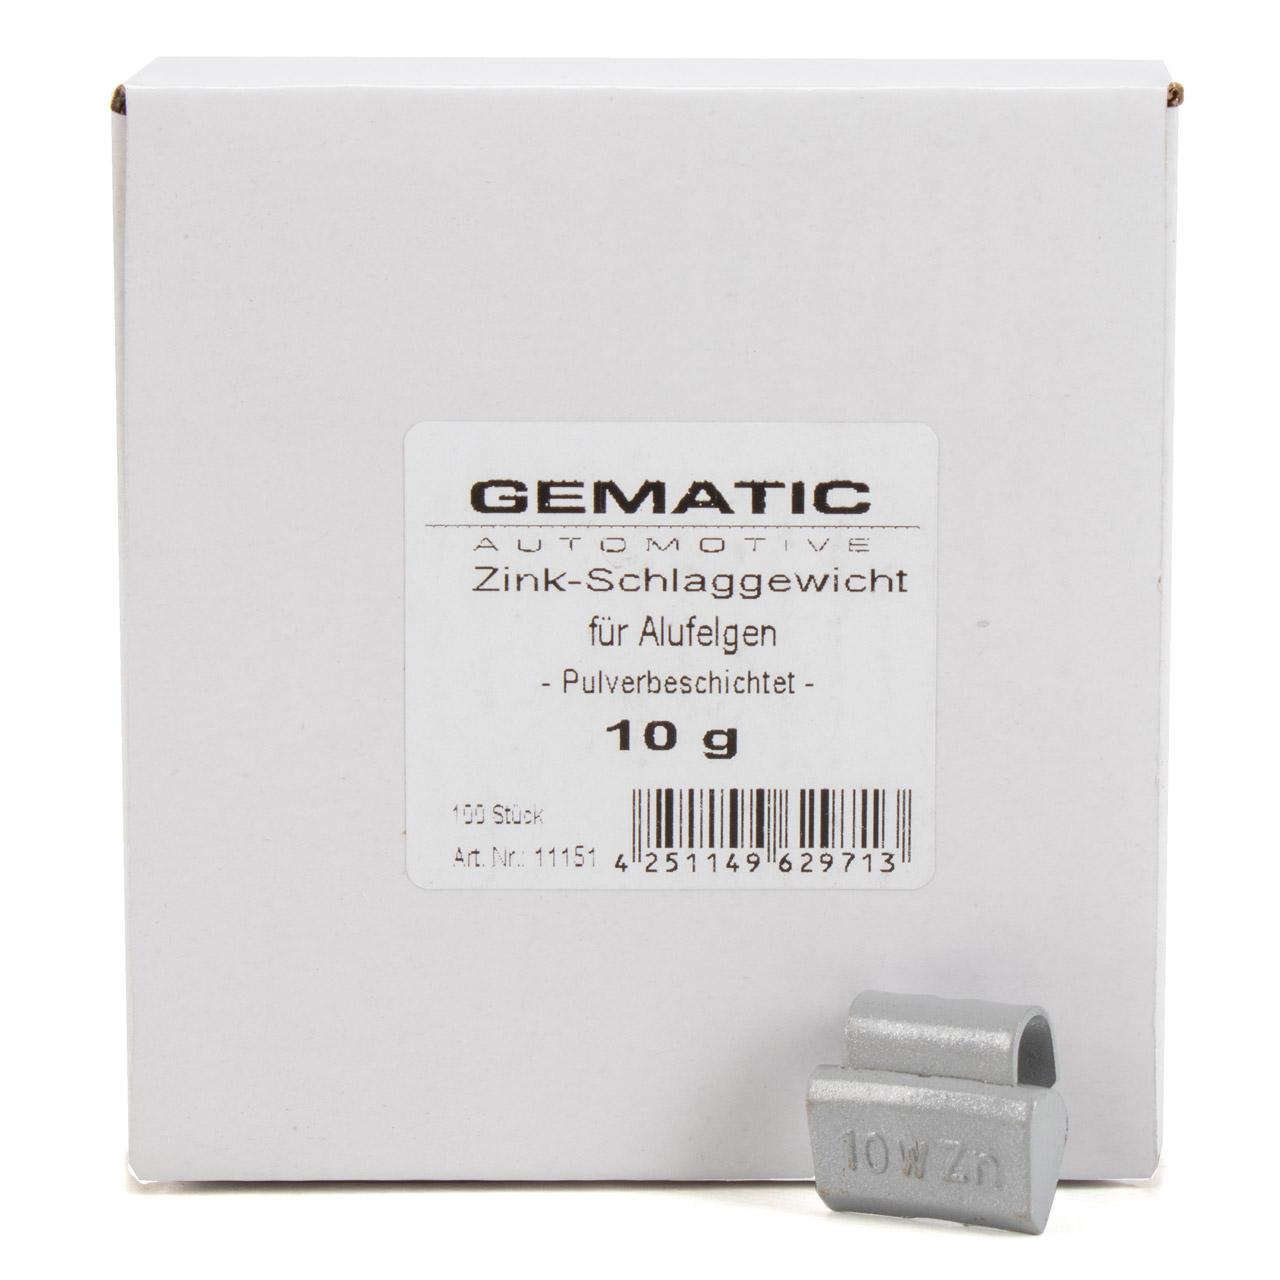 GEMATIC Auswuchtgewicht Schlaggewicht für Alufelge GRAU-ZINK 100 Stück x 10g